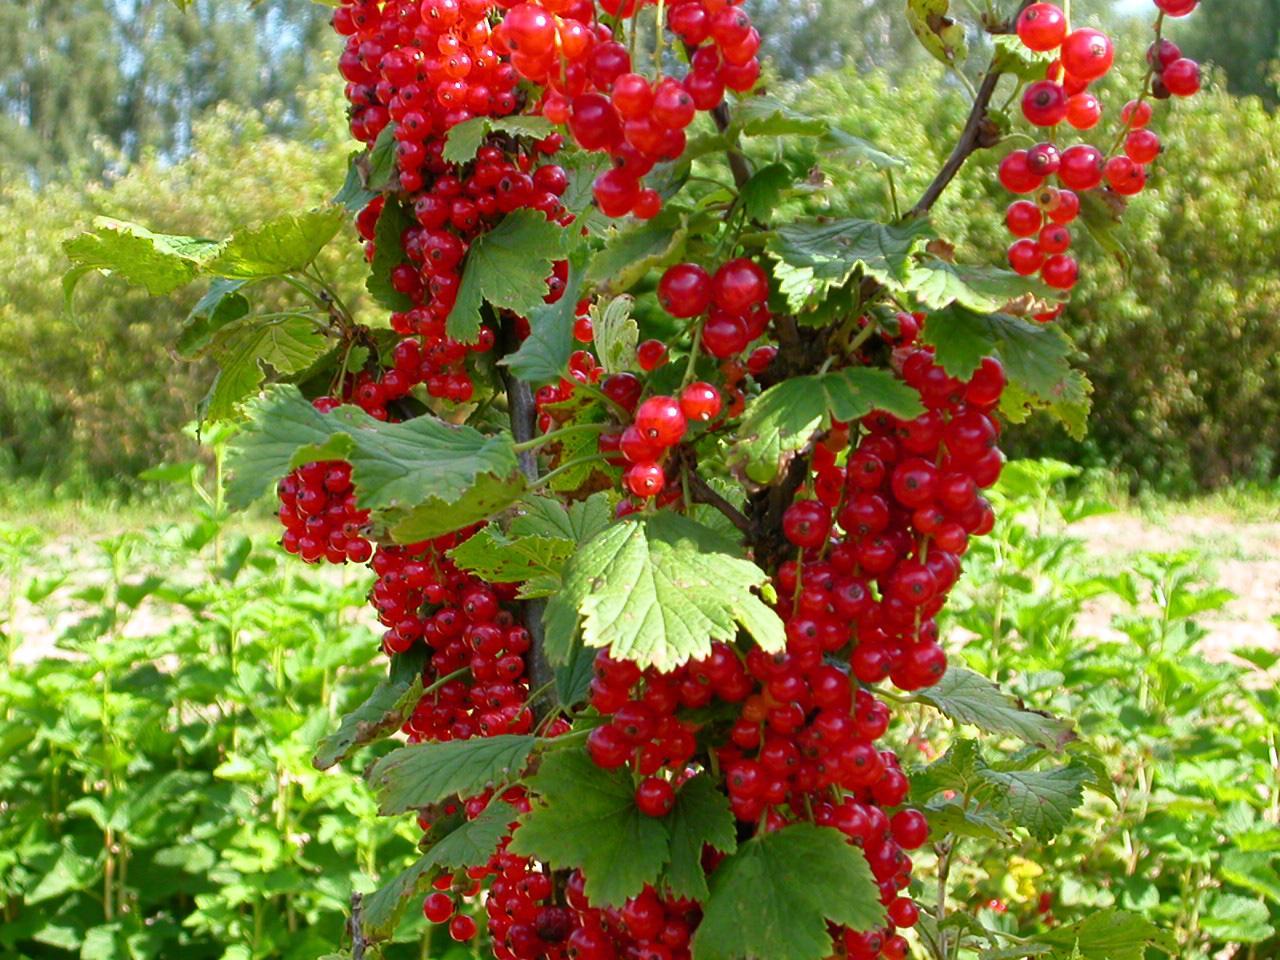 Смородина это не только вкусные ягоды, но эстетическая красота